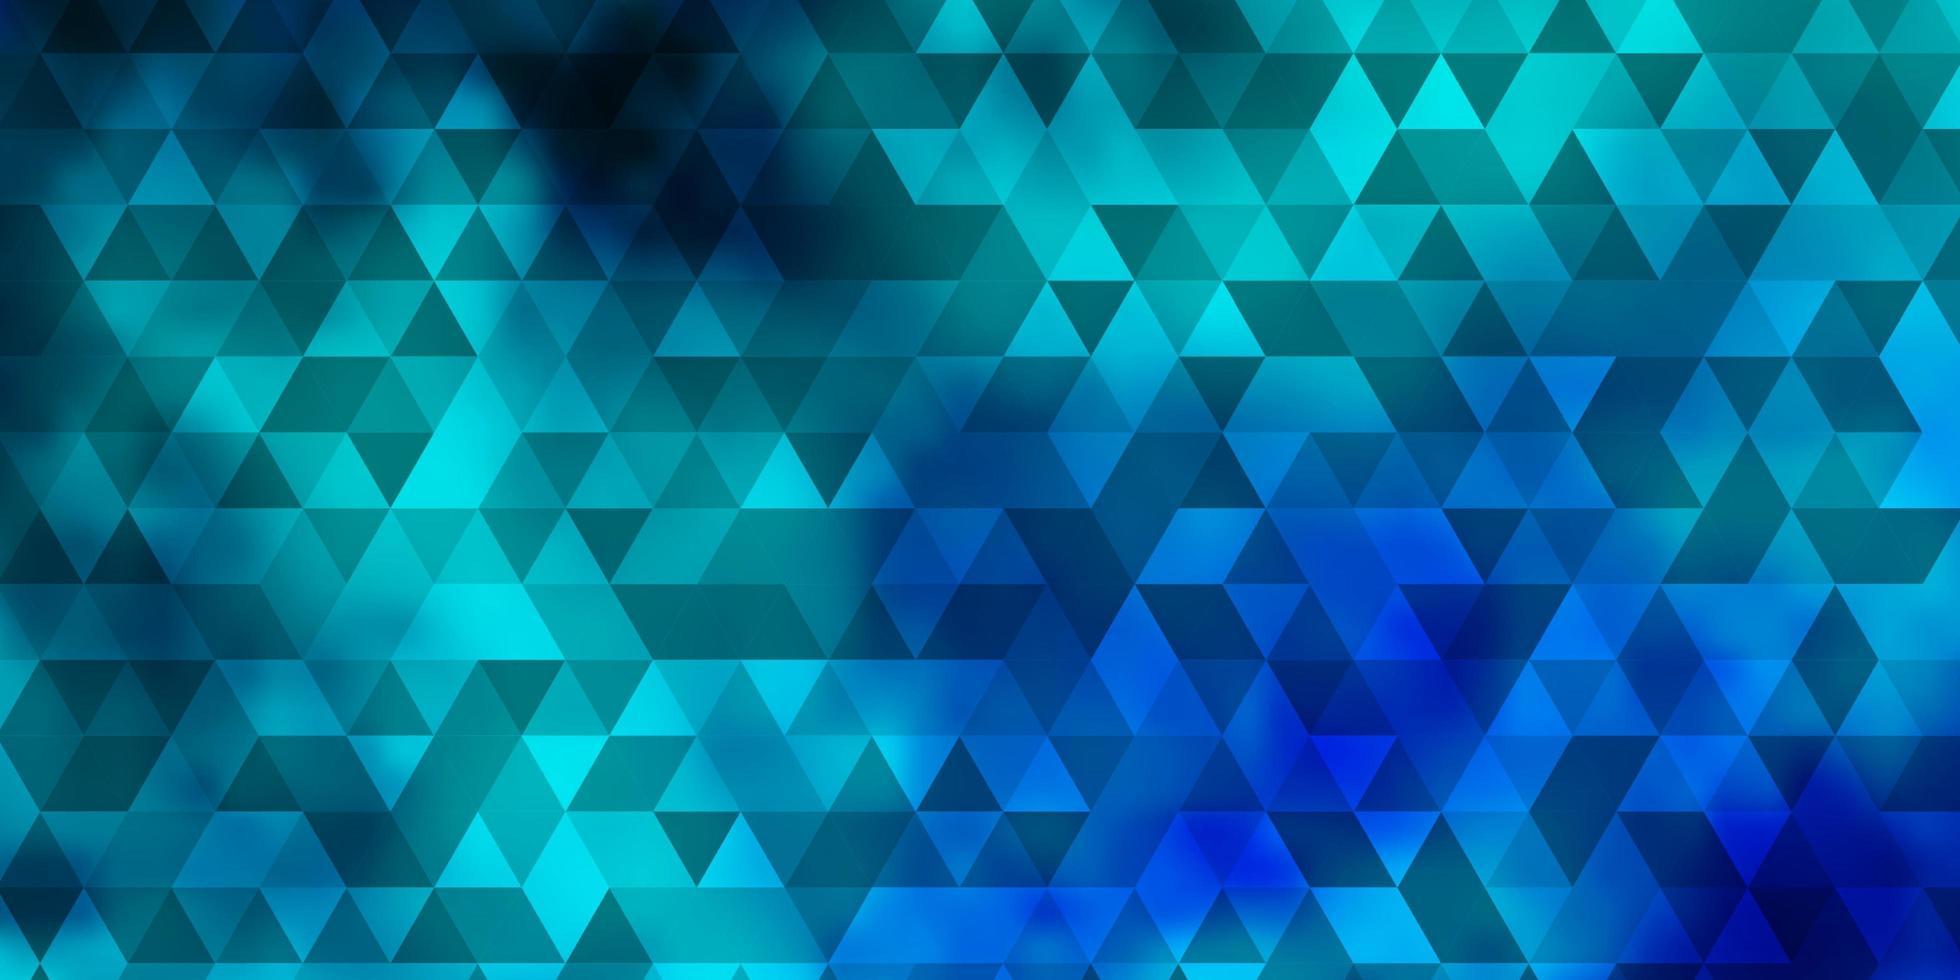 sfondo vettoriale azzurro, verde con stile poligonale.